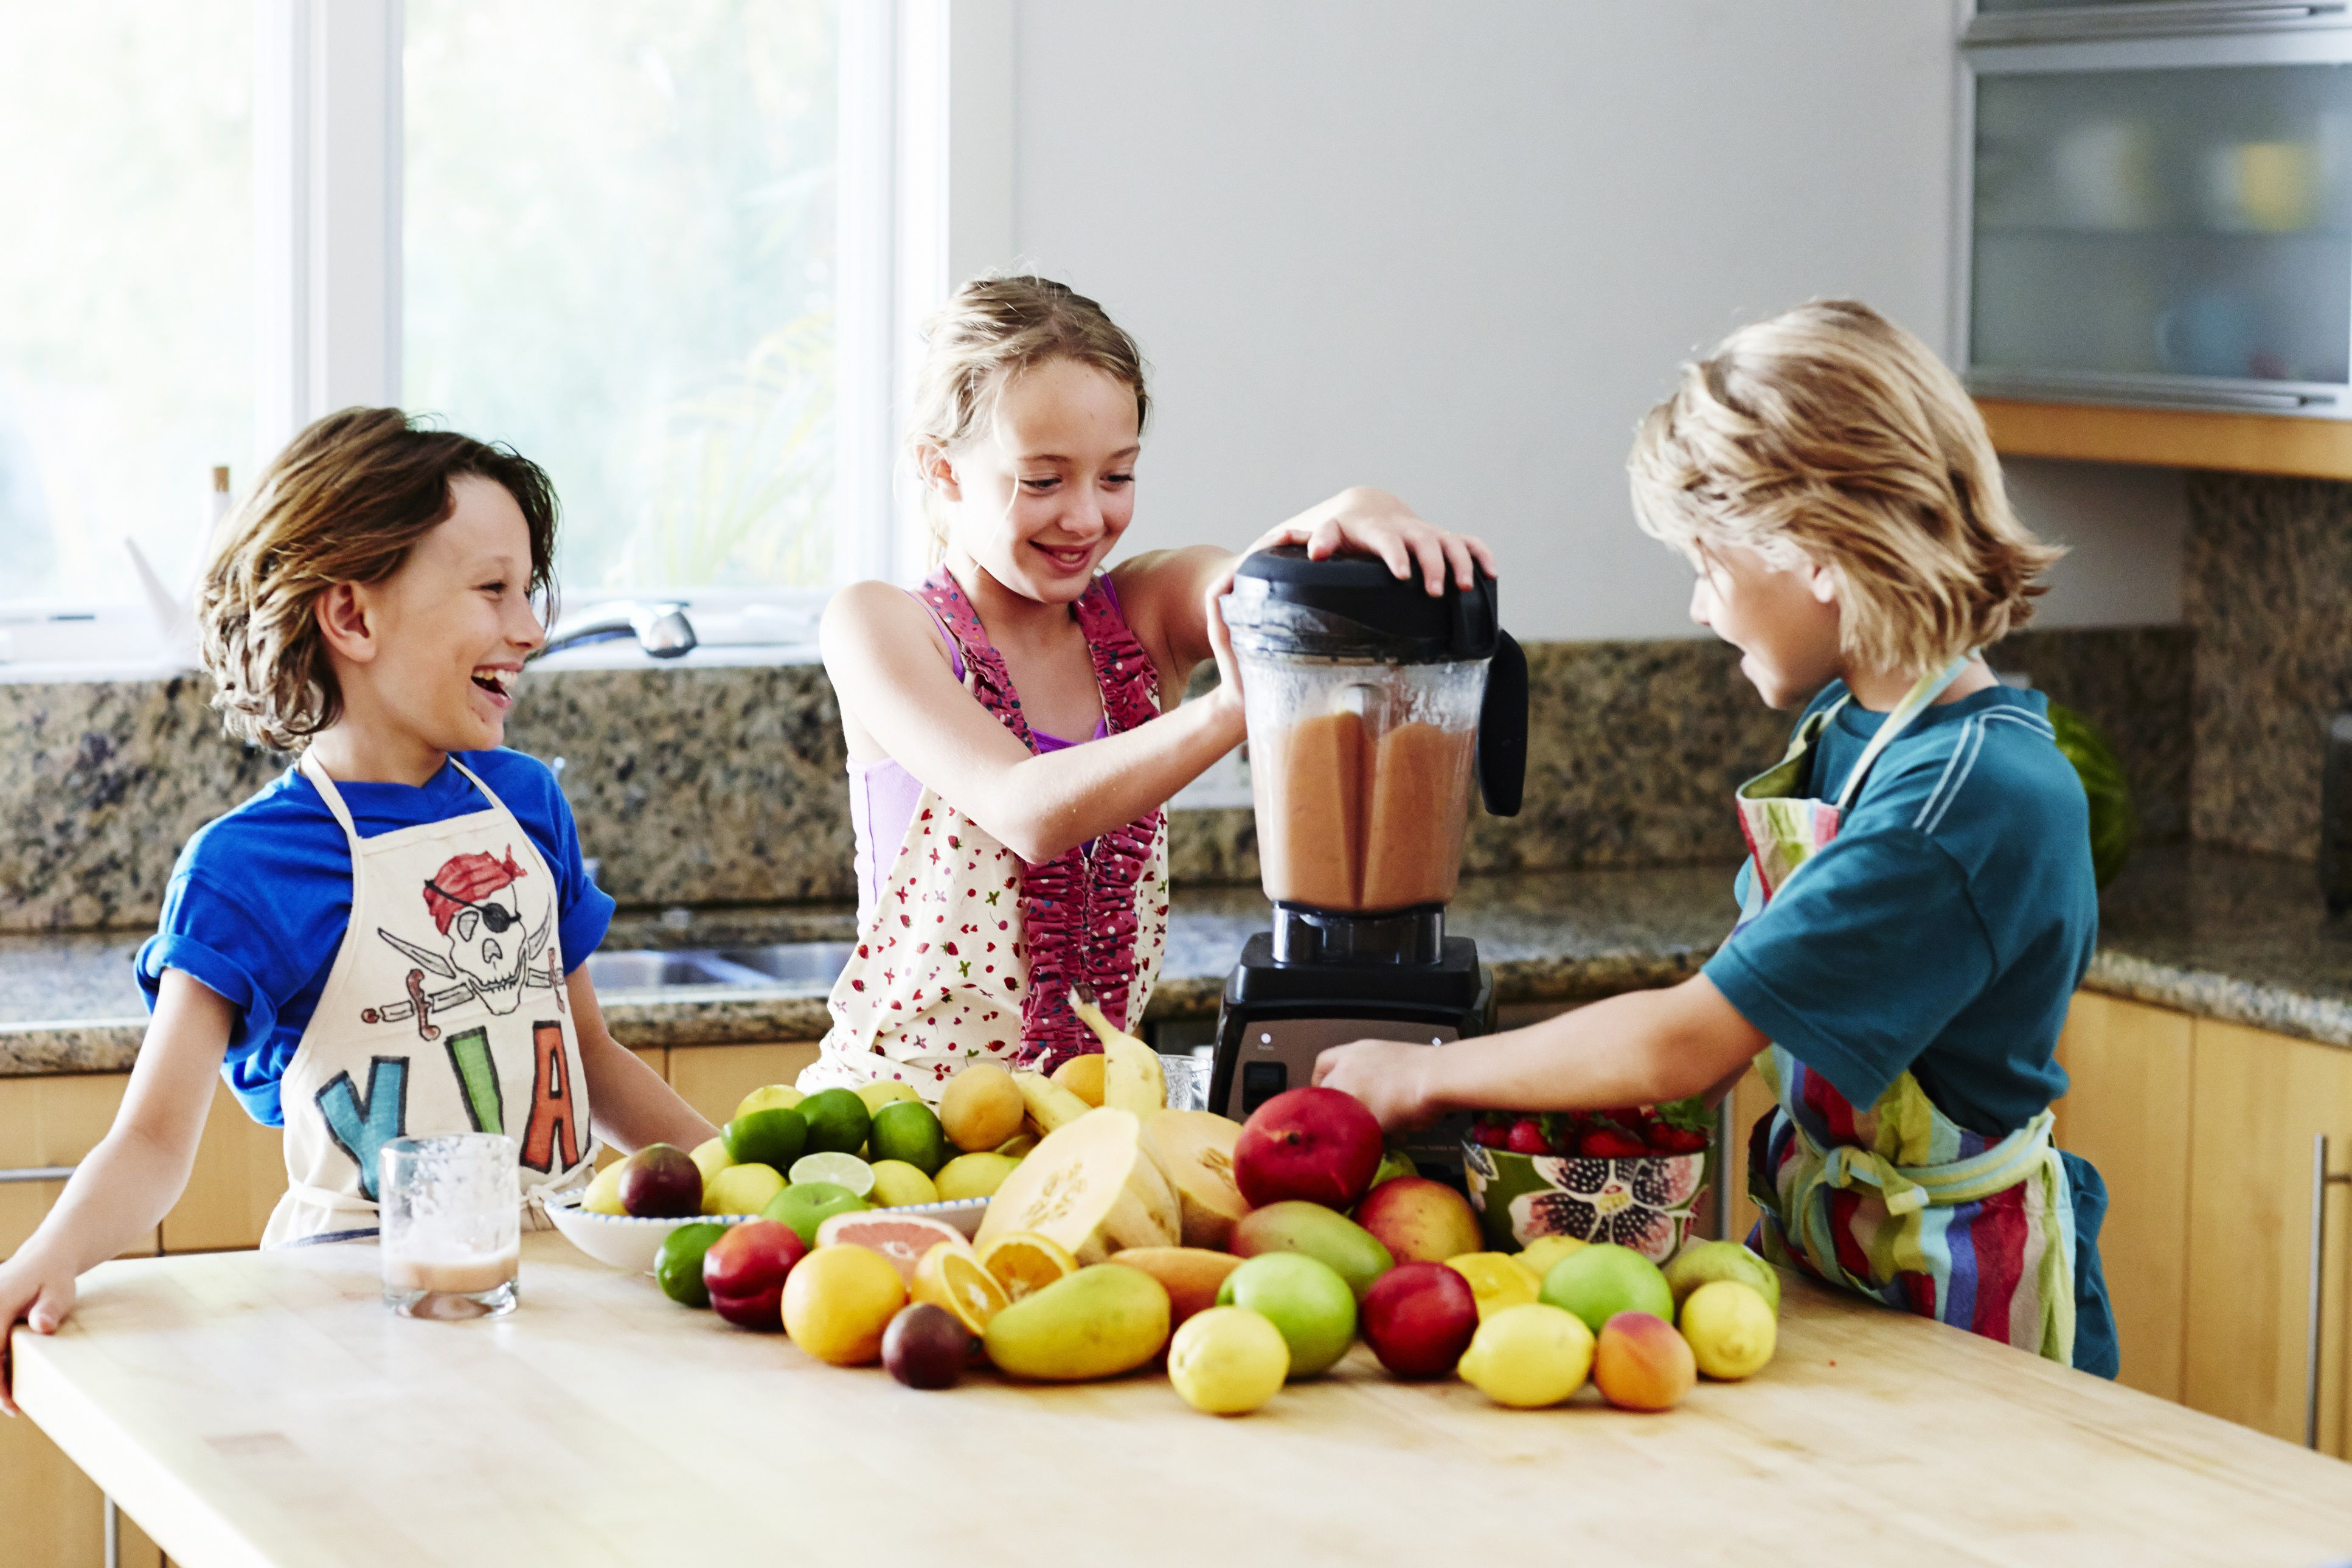 Kinder mit Obst machen Smoothie